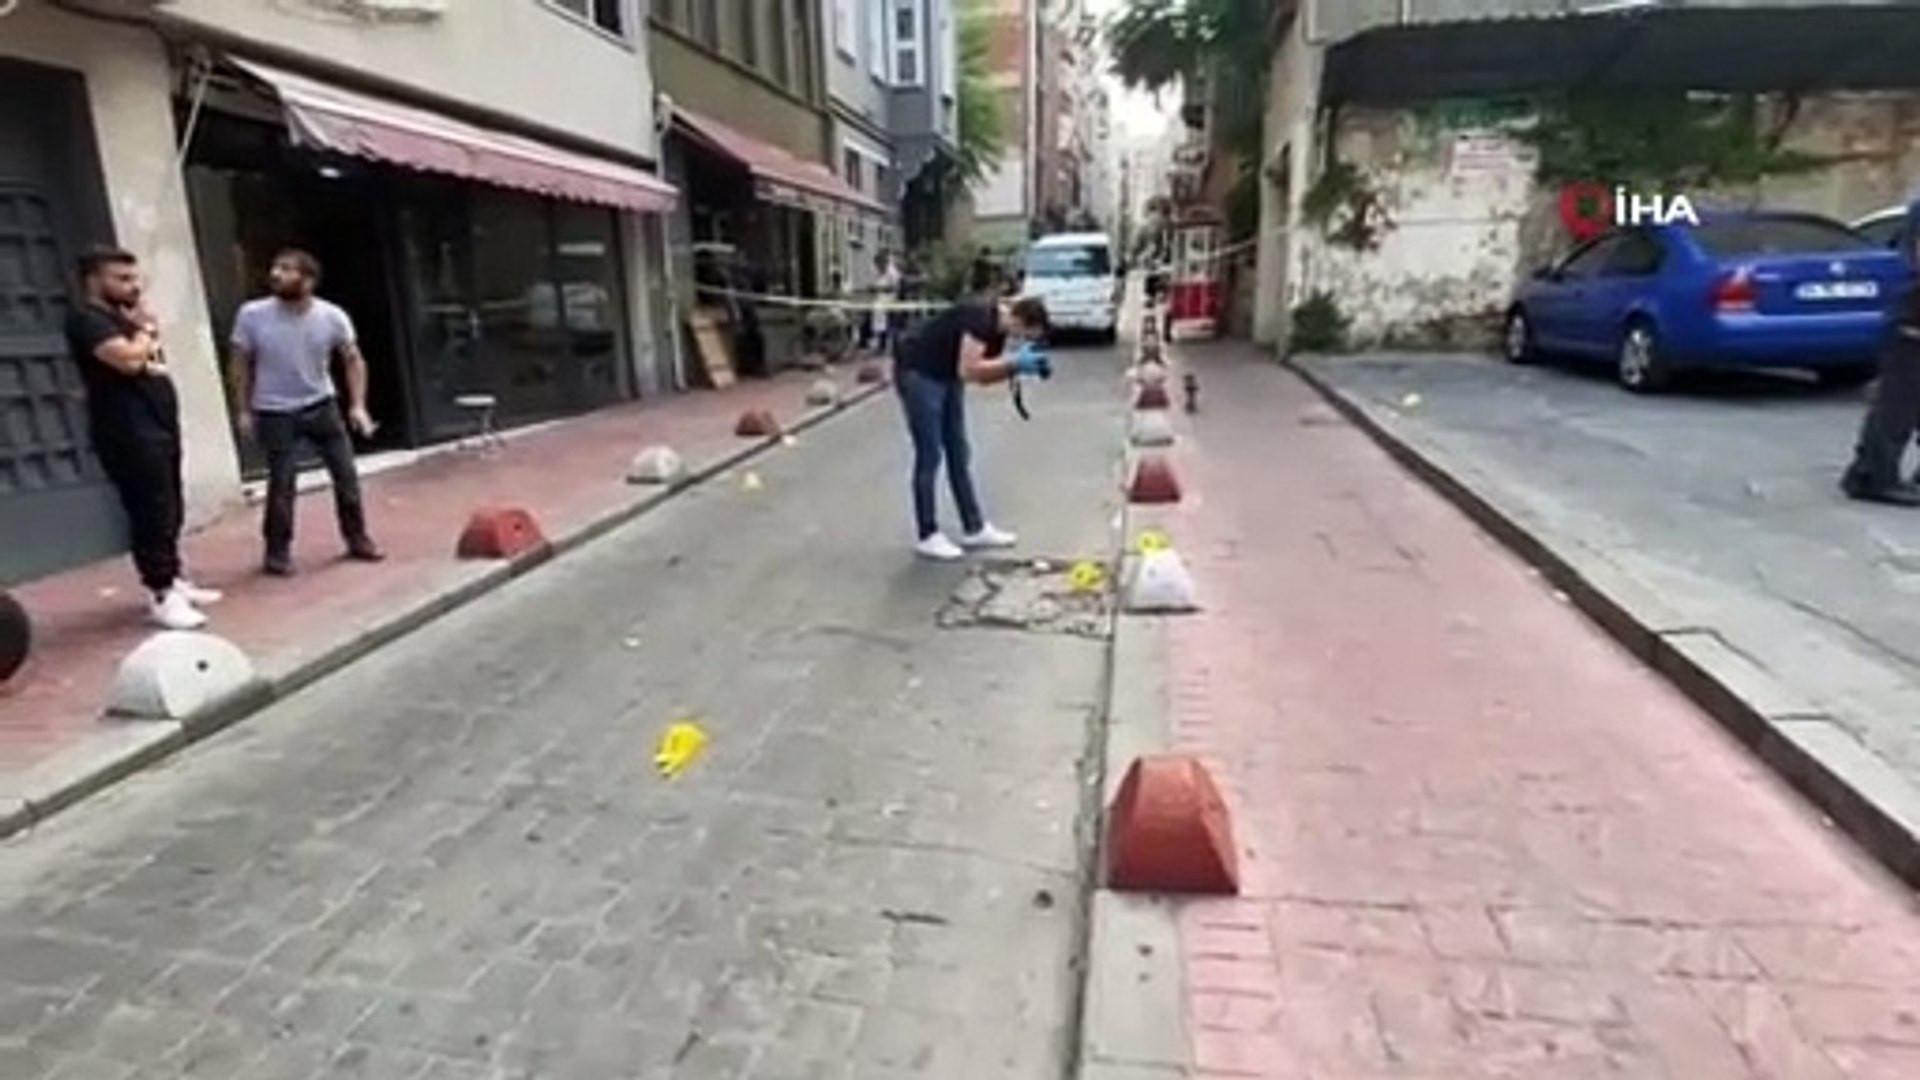 Beyoğlu'nda silahlı bıçaklı kavga: 1 kişi hayatını kaybetti